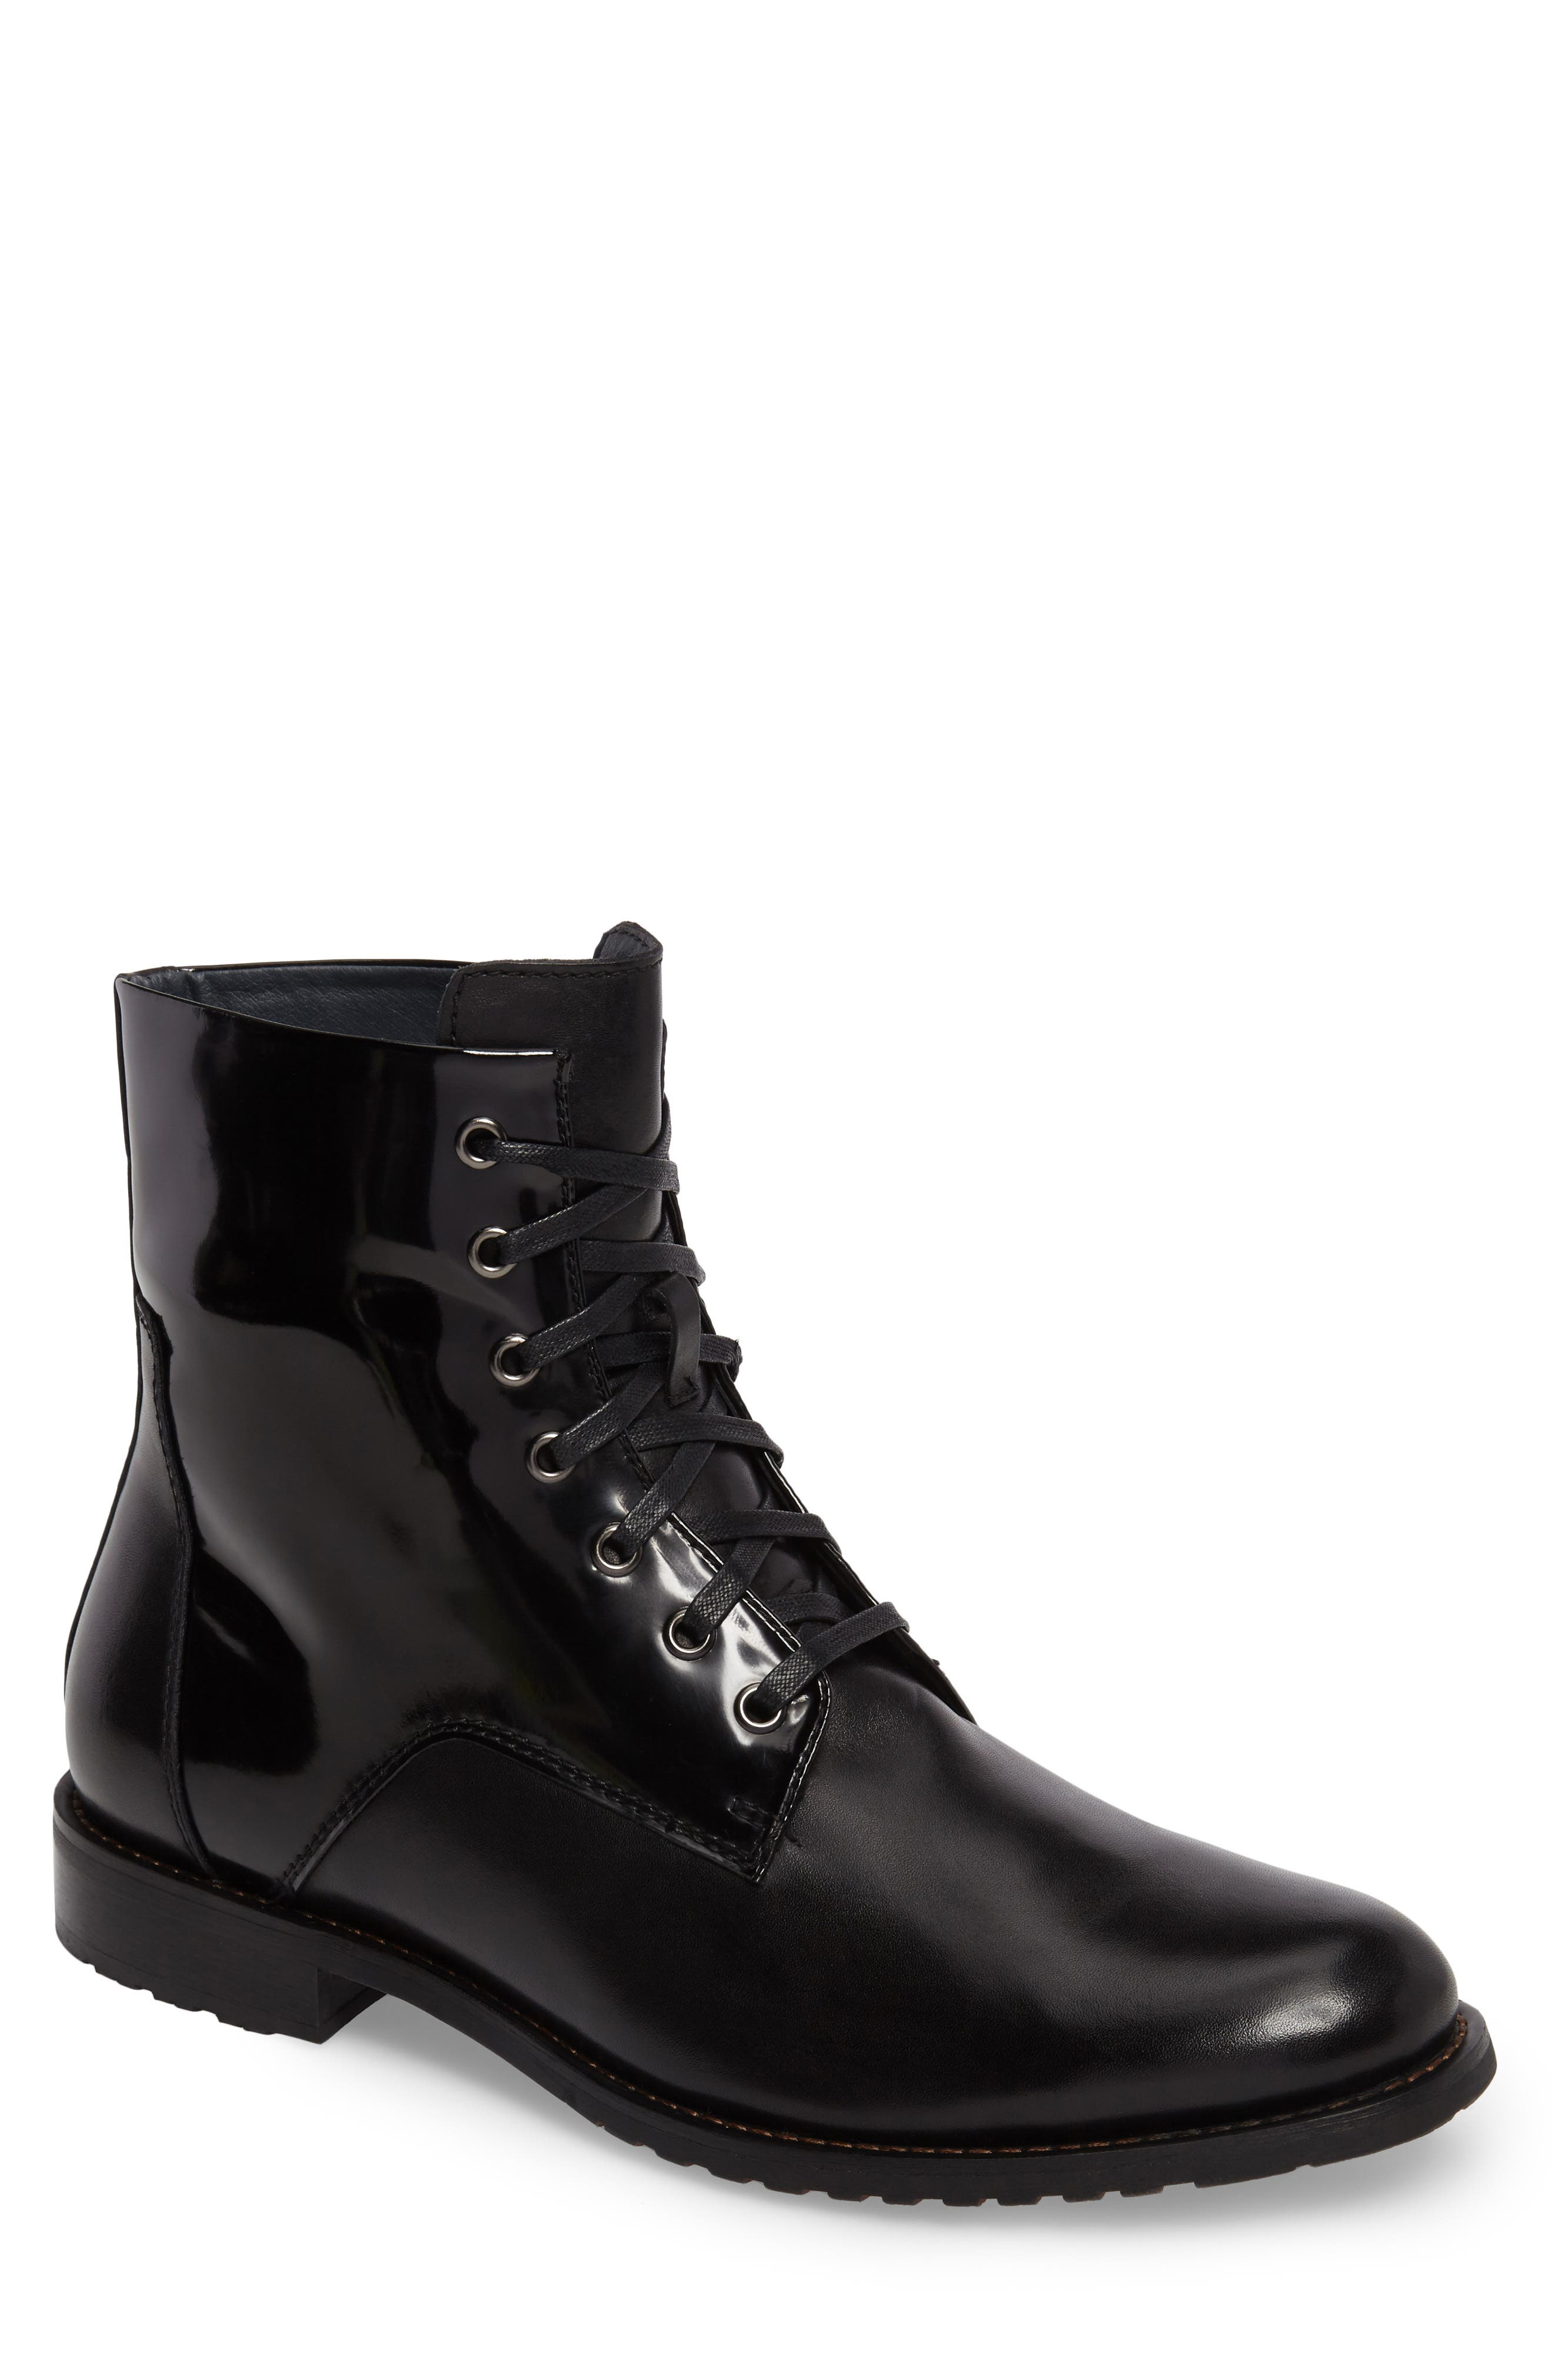 Athol Plain Toe Boot,                         Main,                         color, Black Leather